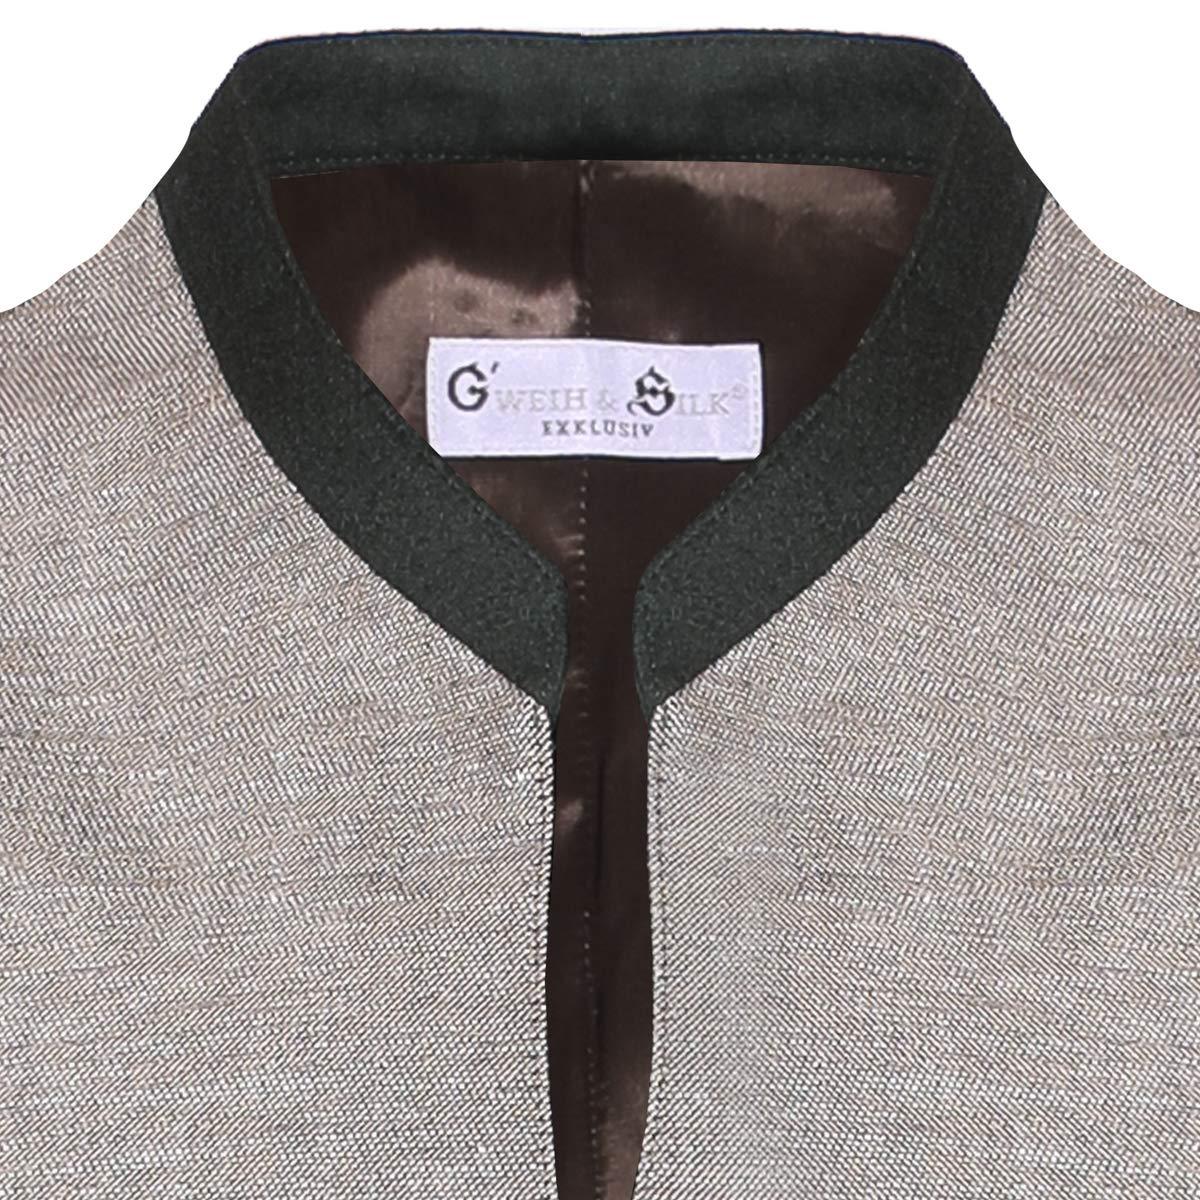 Gweih und Silk Herren Trachten-Mode Strickjacke Oliver in Grau traditionell